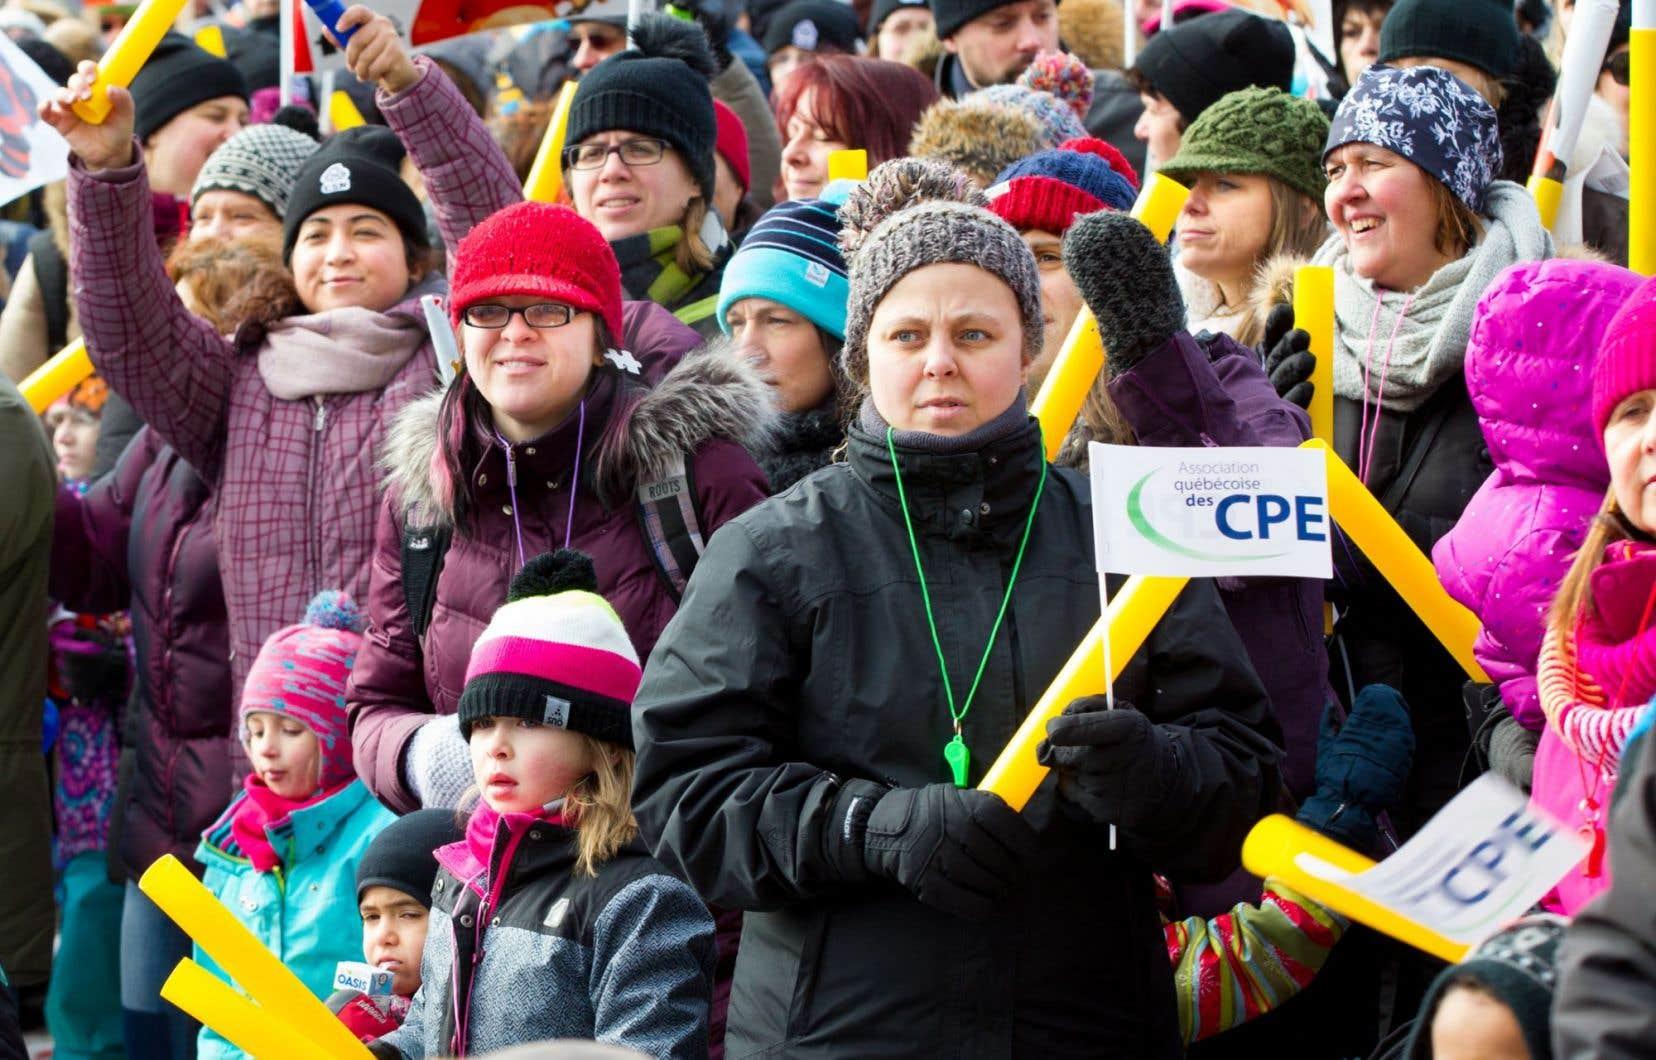 Dimanche, des milliers de personnes ont manifesté dans plusieurs villes du Québec à la défense des CPE.